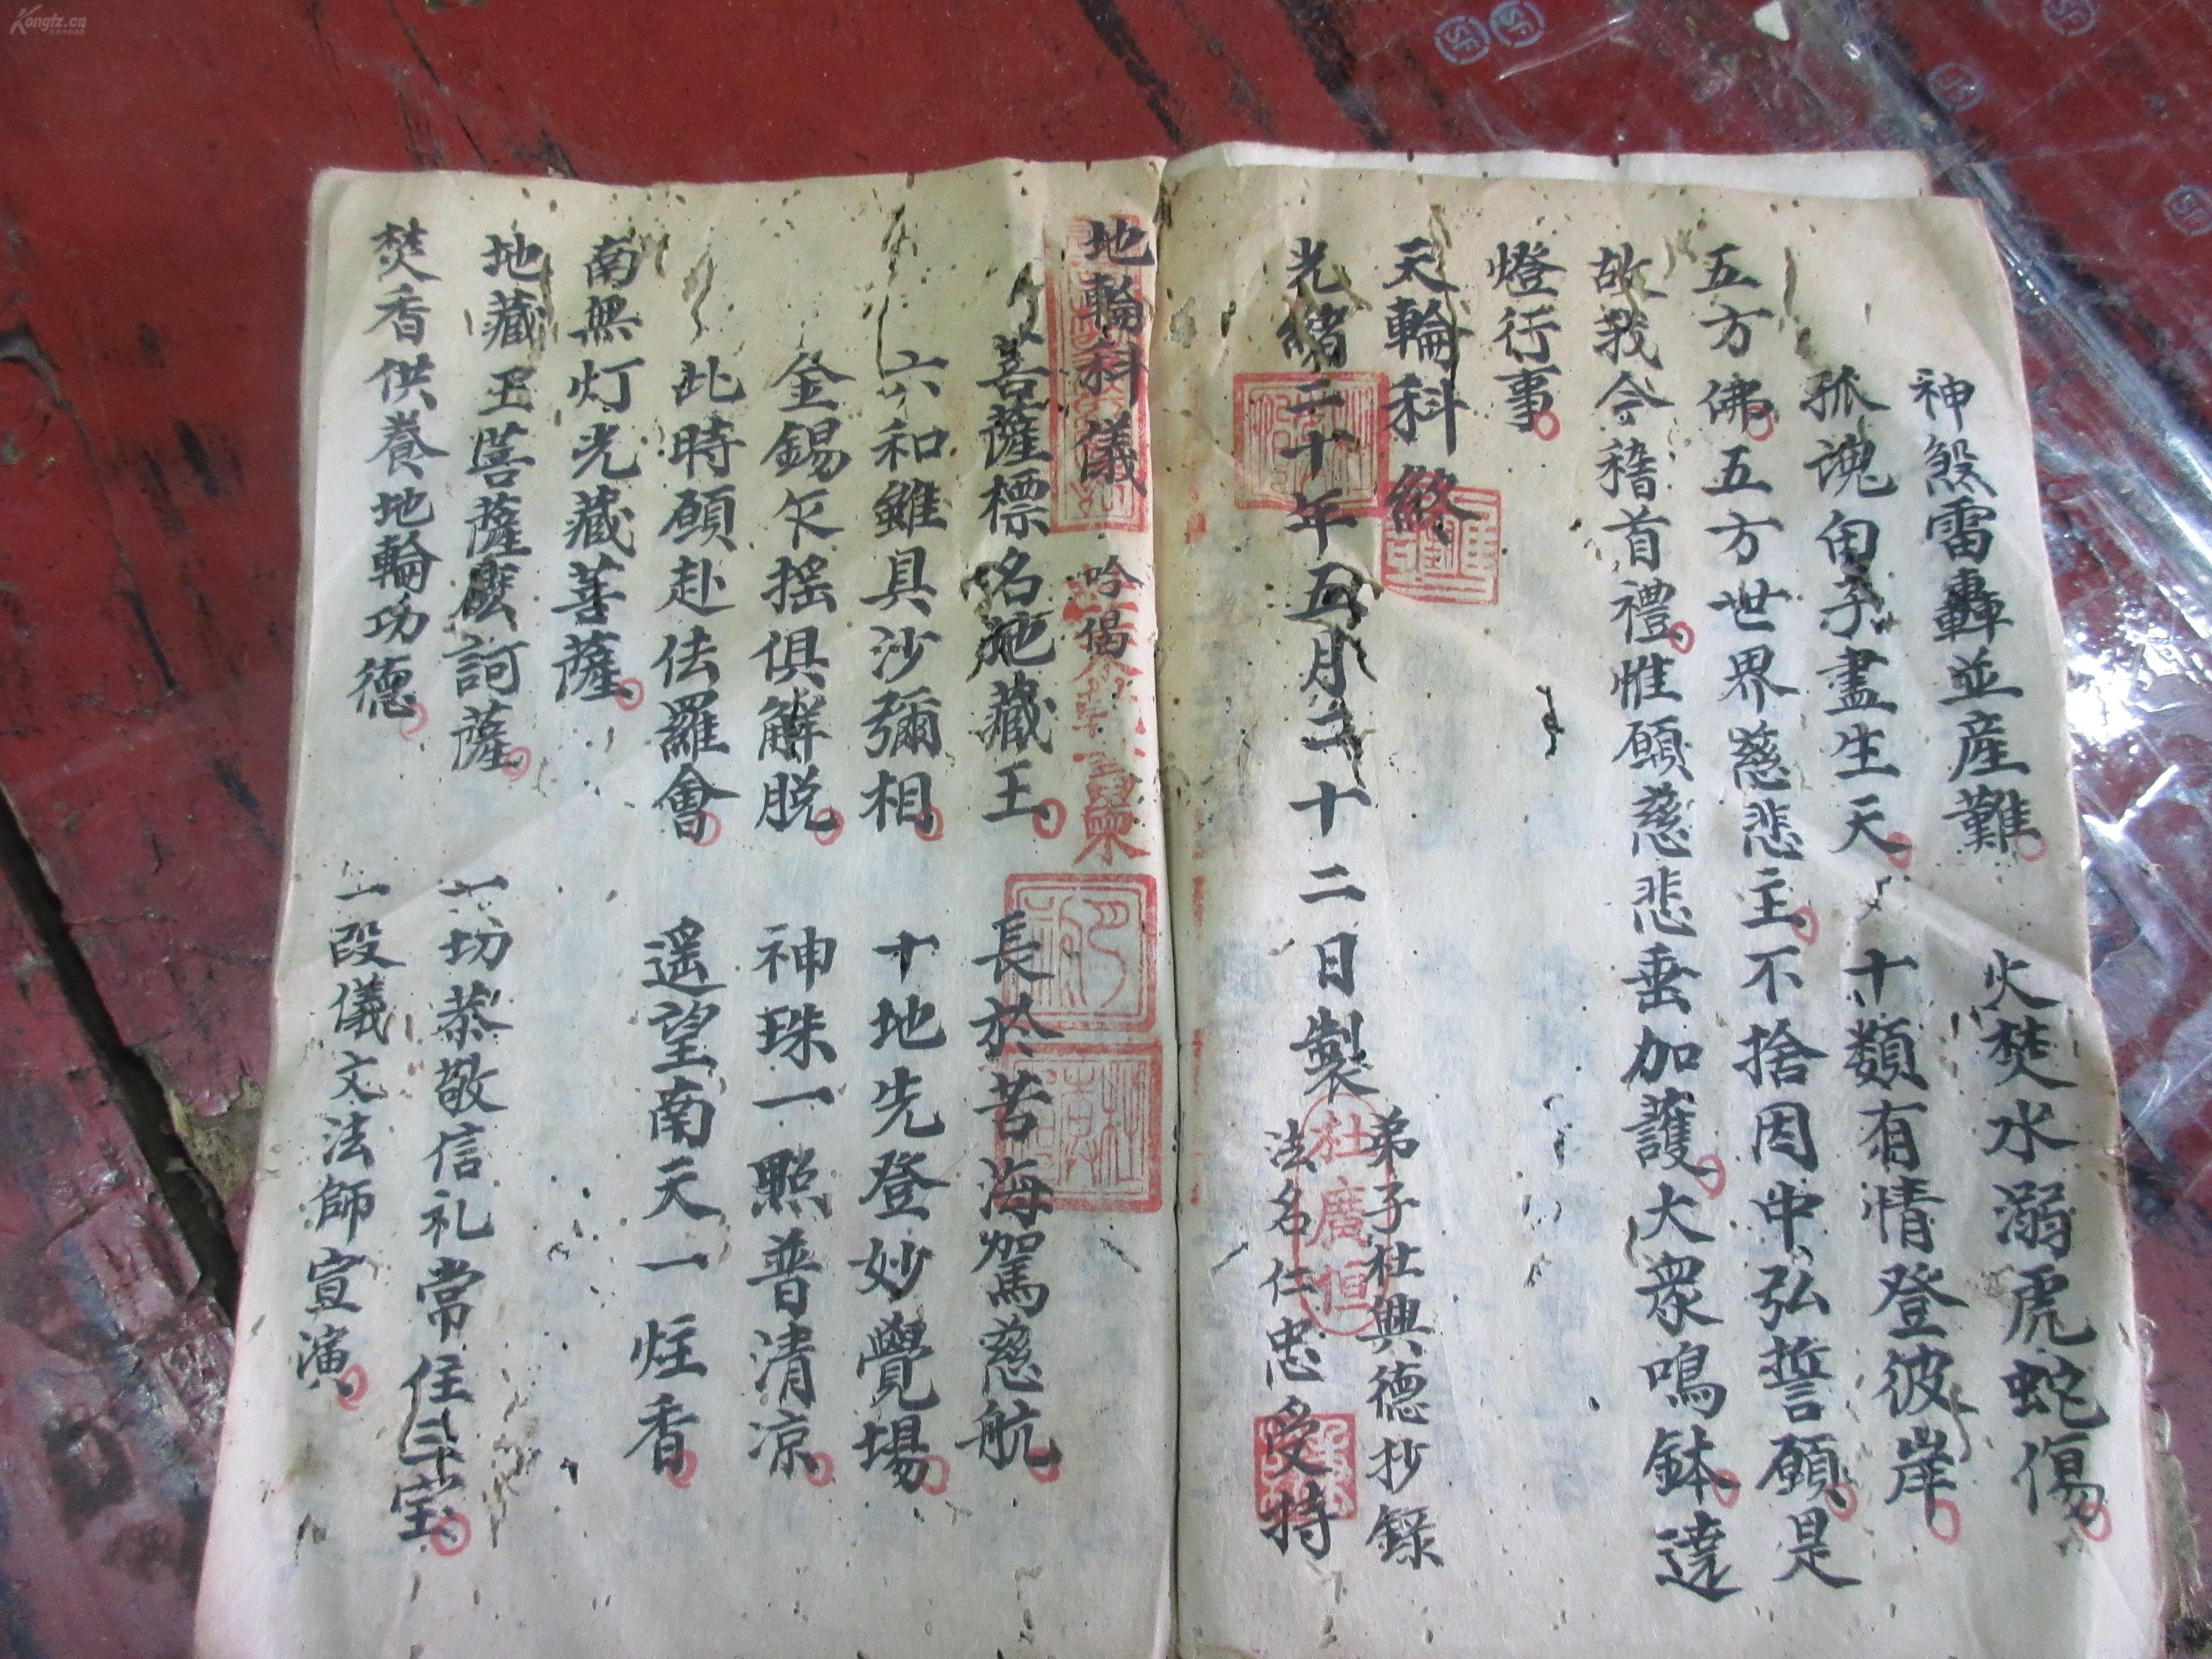 地����y.��(j_清代佛教高僧手稿写本《天轮灯科》《地轮科仪》一册全印章多多,书写